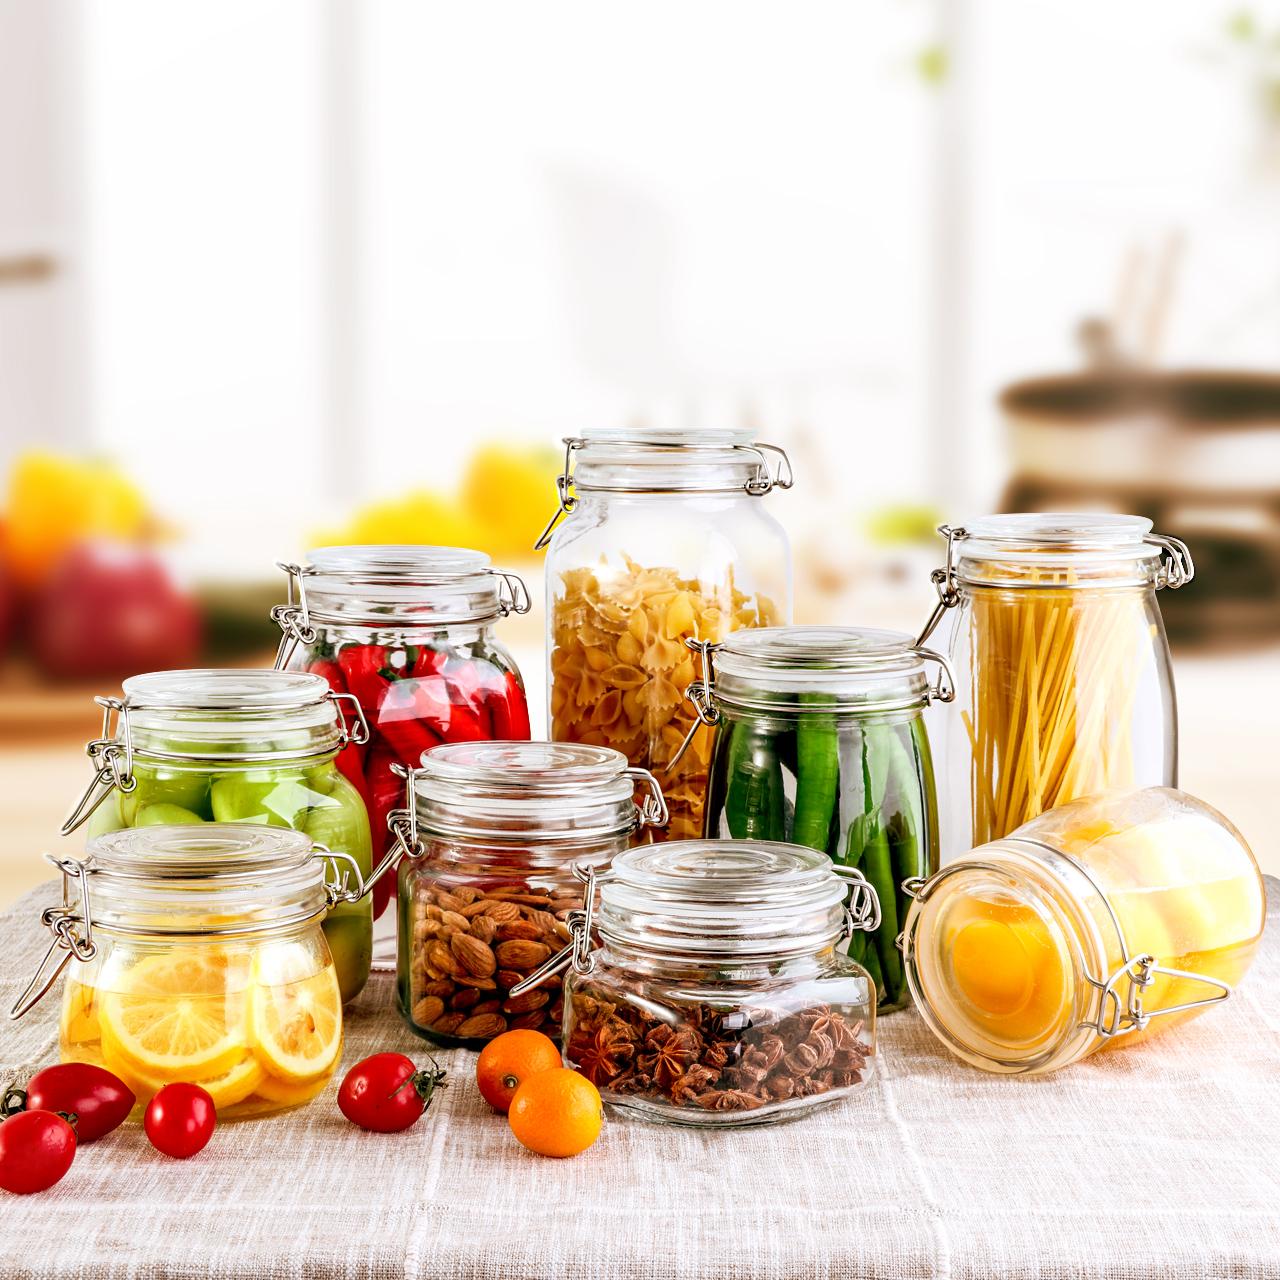 密封罐玻璃储物罐子蜂蜜柠檬食品罐头瓶百香果小泡菜坛子带盖瓶子